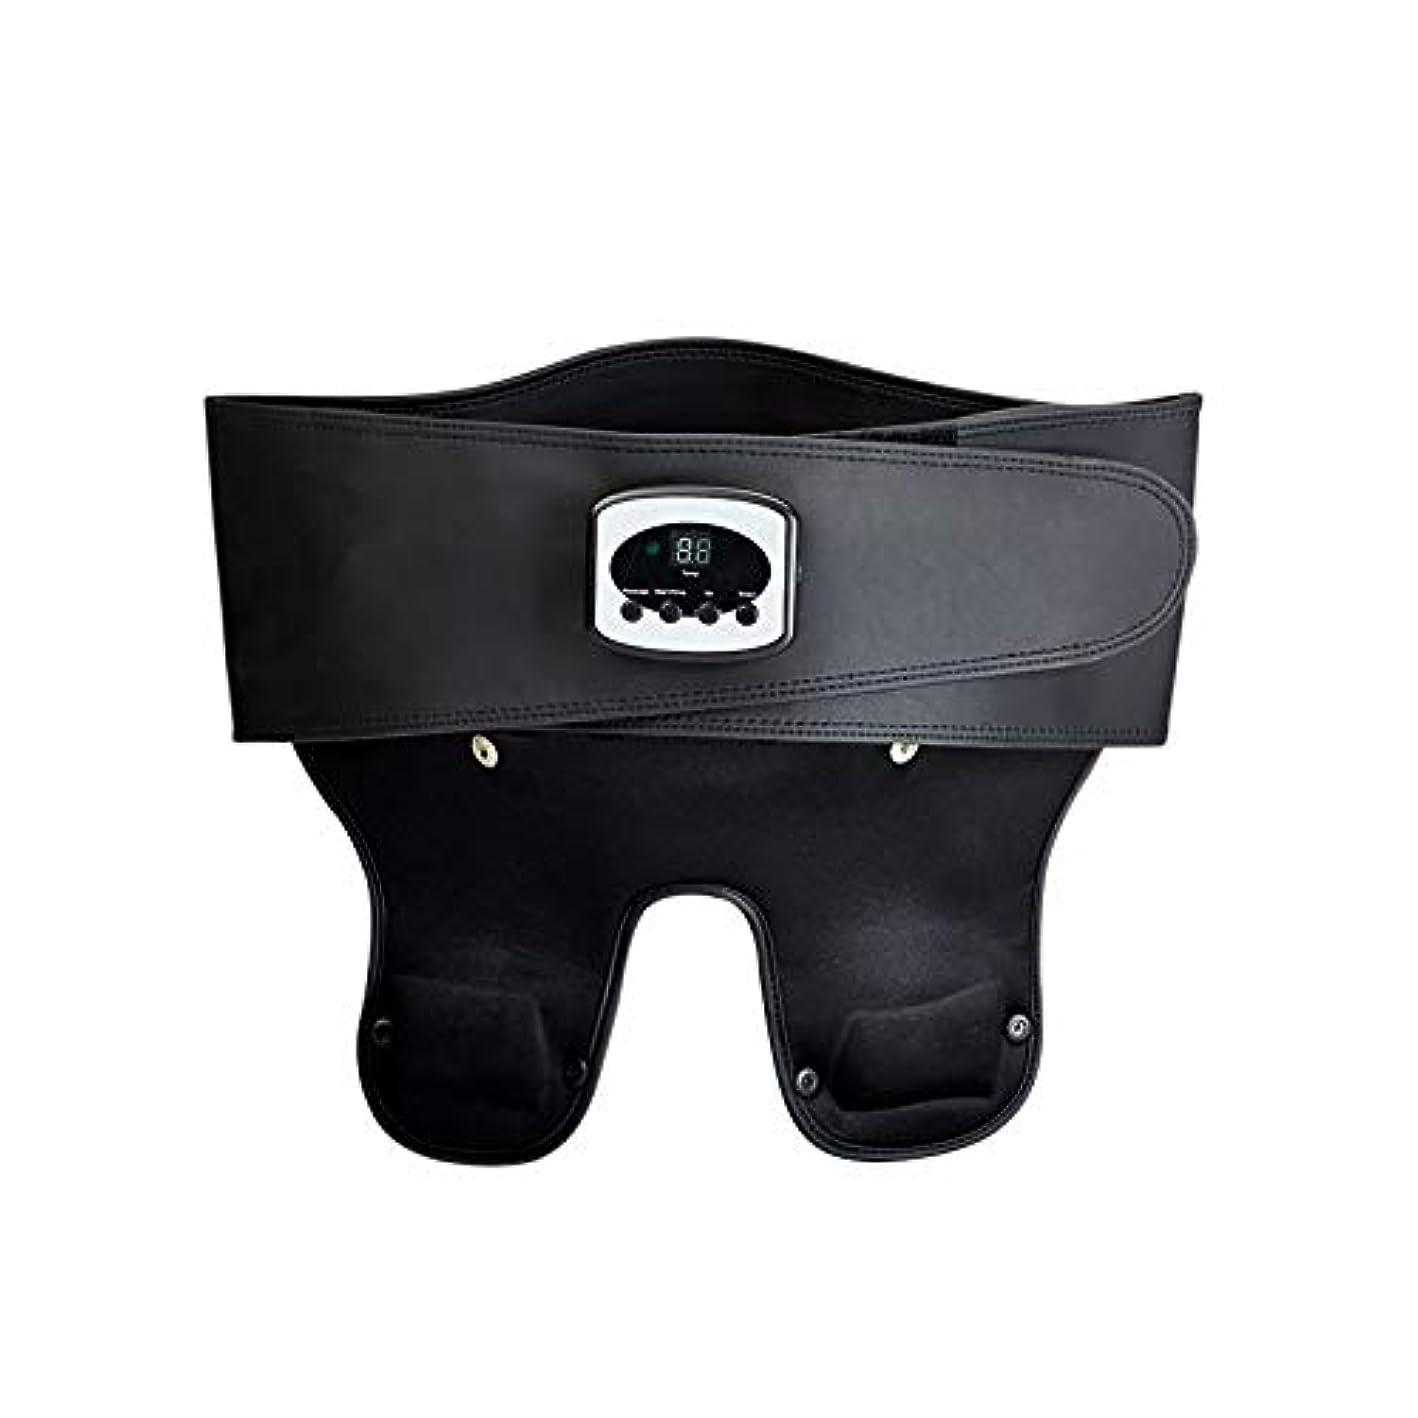 パパフォームフルートHealthy Waist Massager - Heat Conductor, Infrared Lights, Vibration Massage, Adjustable Temperature